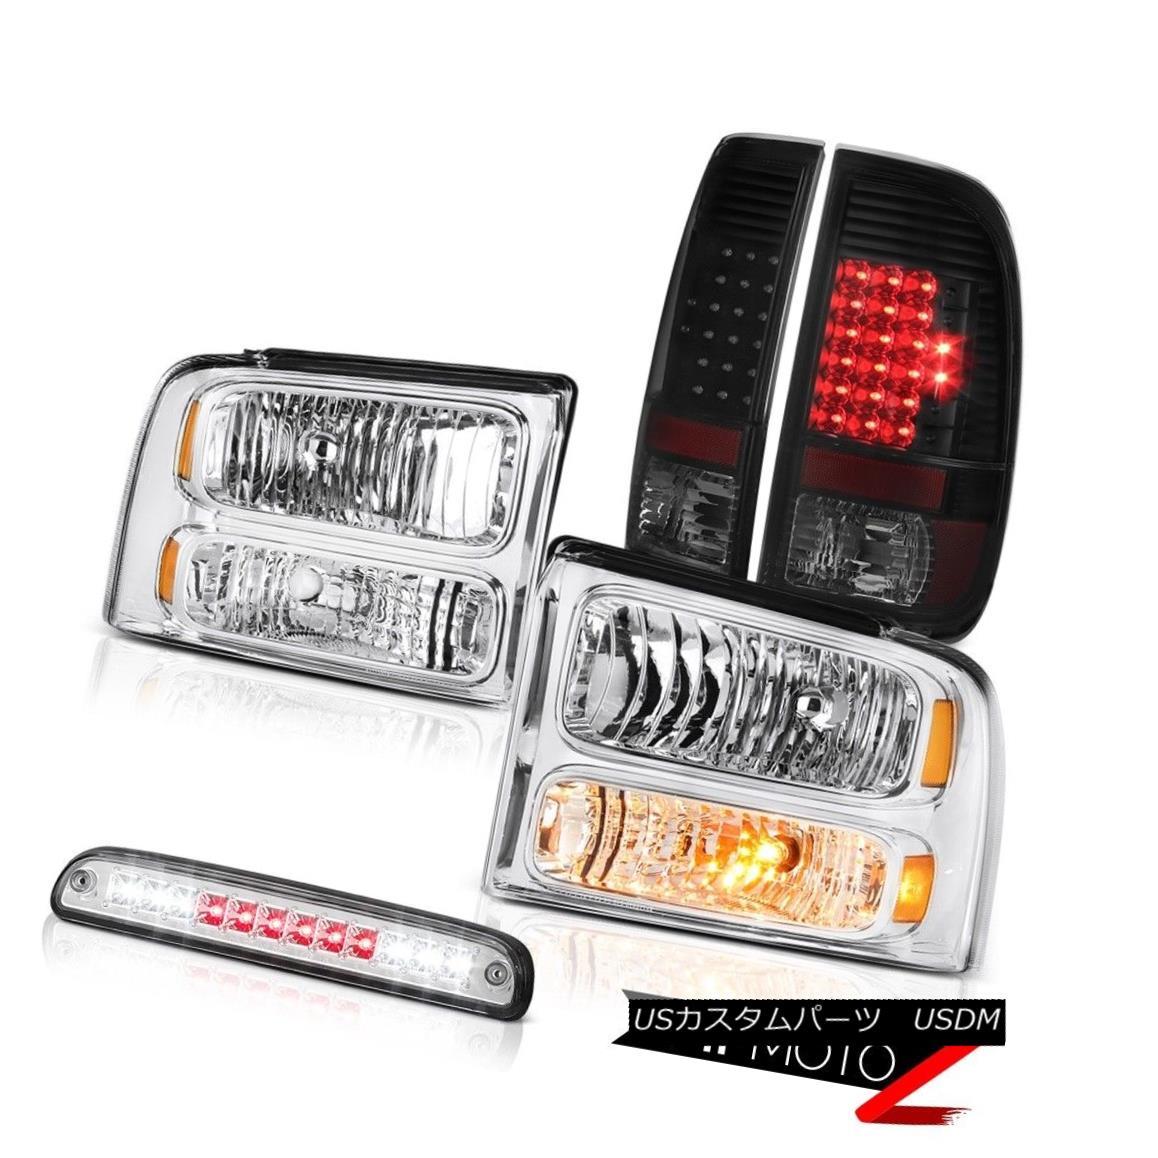 テールライト 05 06 07 F250 F350 Chrome Headlights Philip SuperFlux LED Tail Lights Roof Brake 05 06 07 F250 F350クロームヘッドライトPhilip SuperFlux LEDテールライトルーフブレーキ